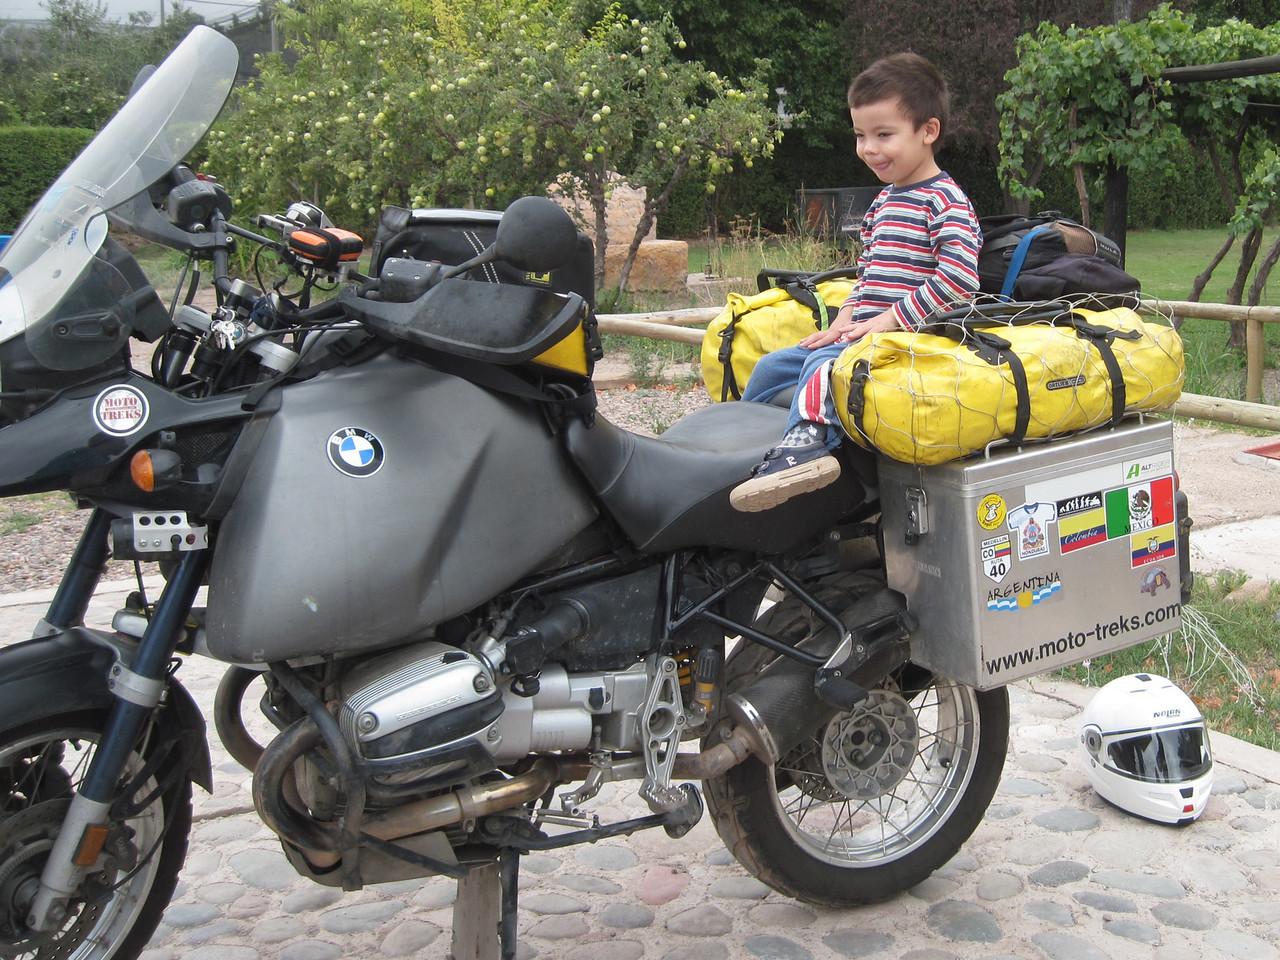 Anton, Young Adventure Rider